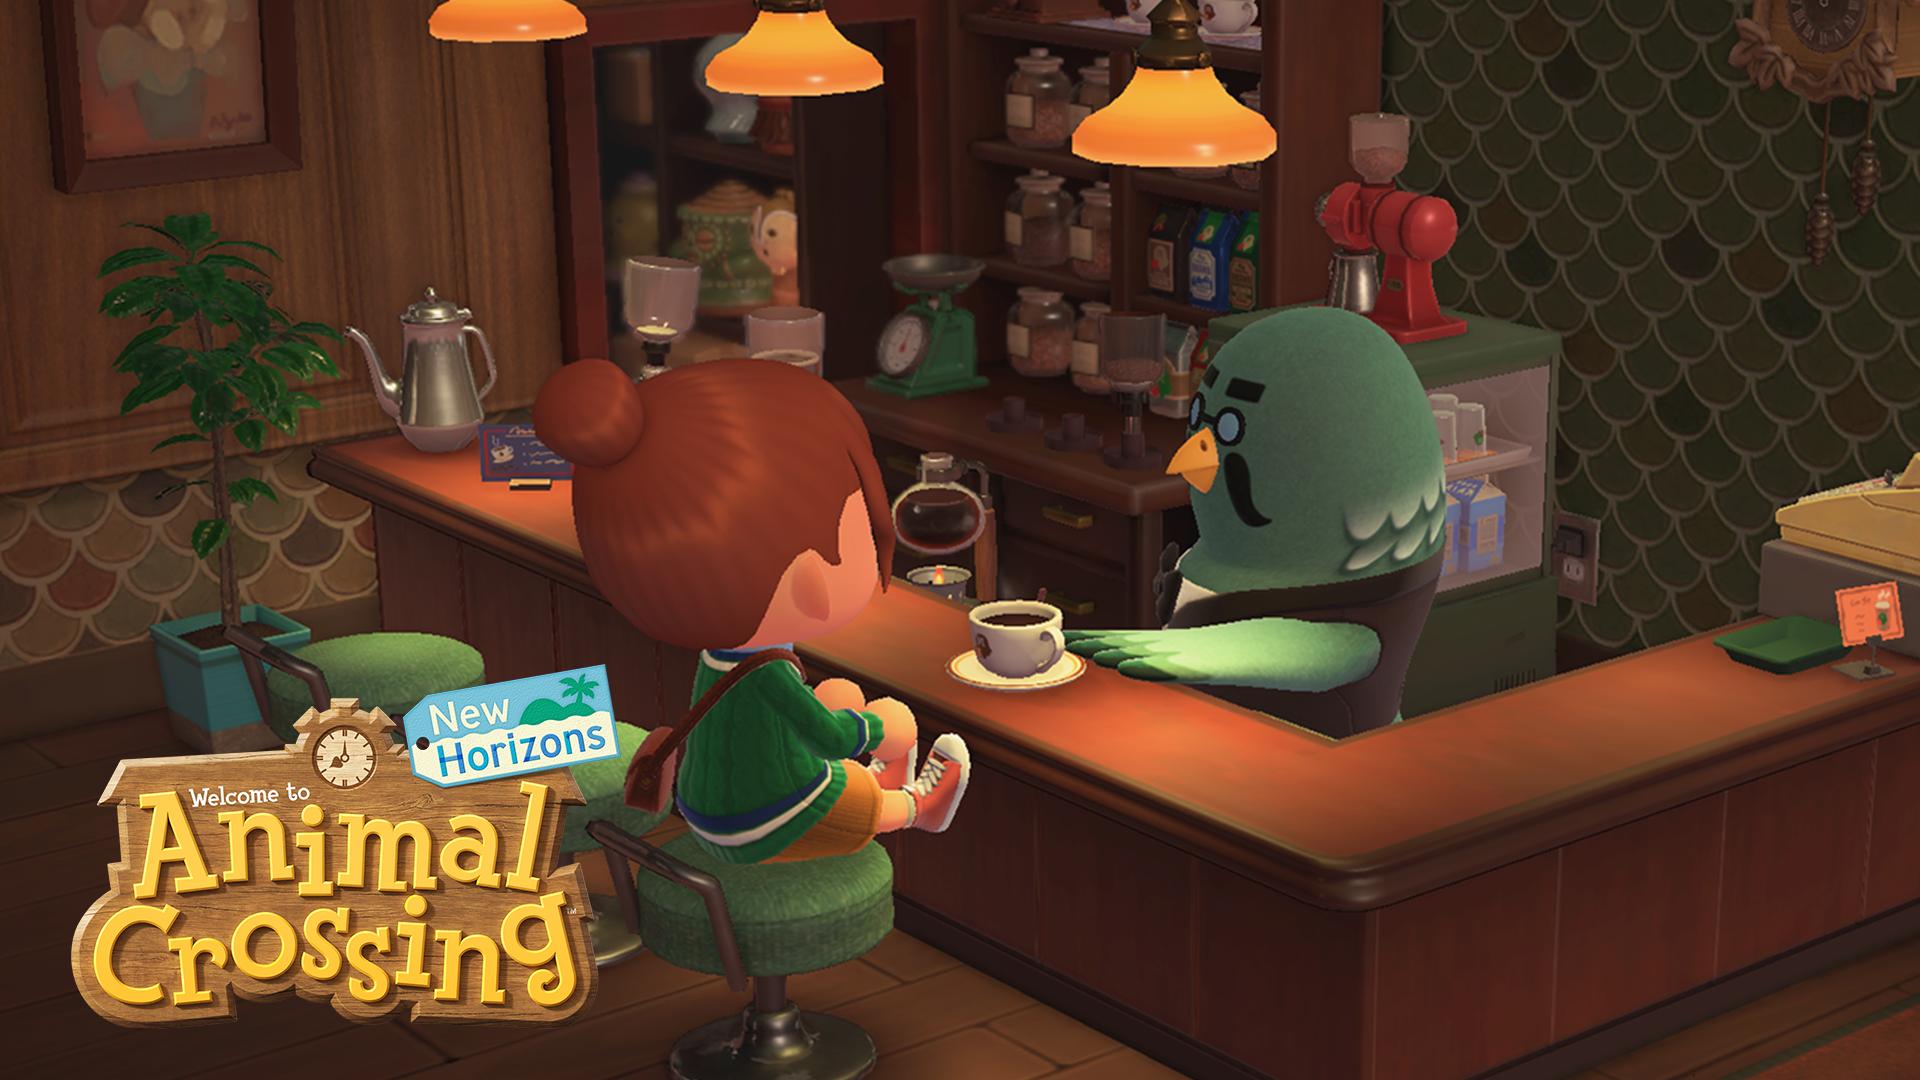 Alles neu in Animal Crossing Version 2.0: Brewster, Kapp'n, Kochen, Gyroids, neue Shops, mehr Steigungen